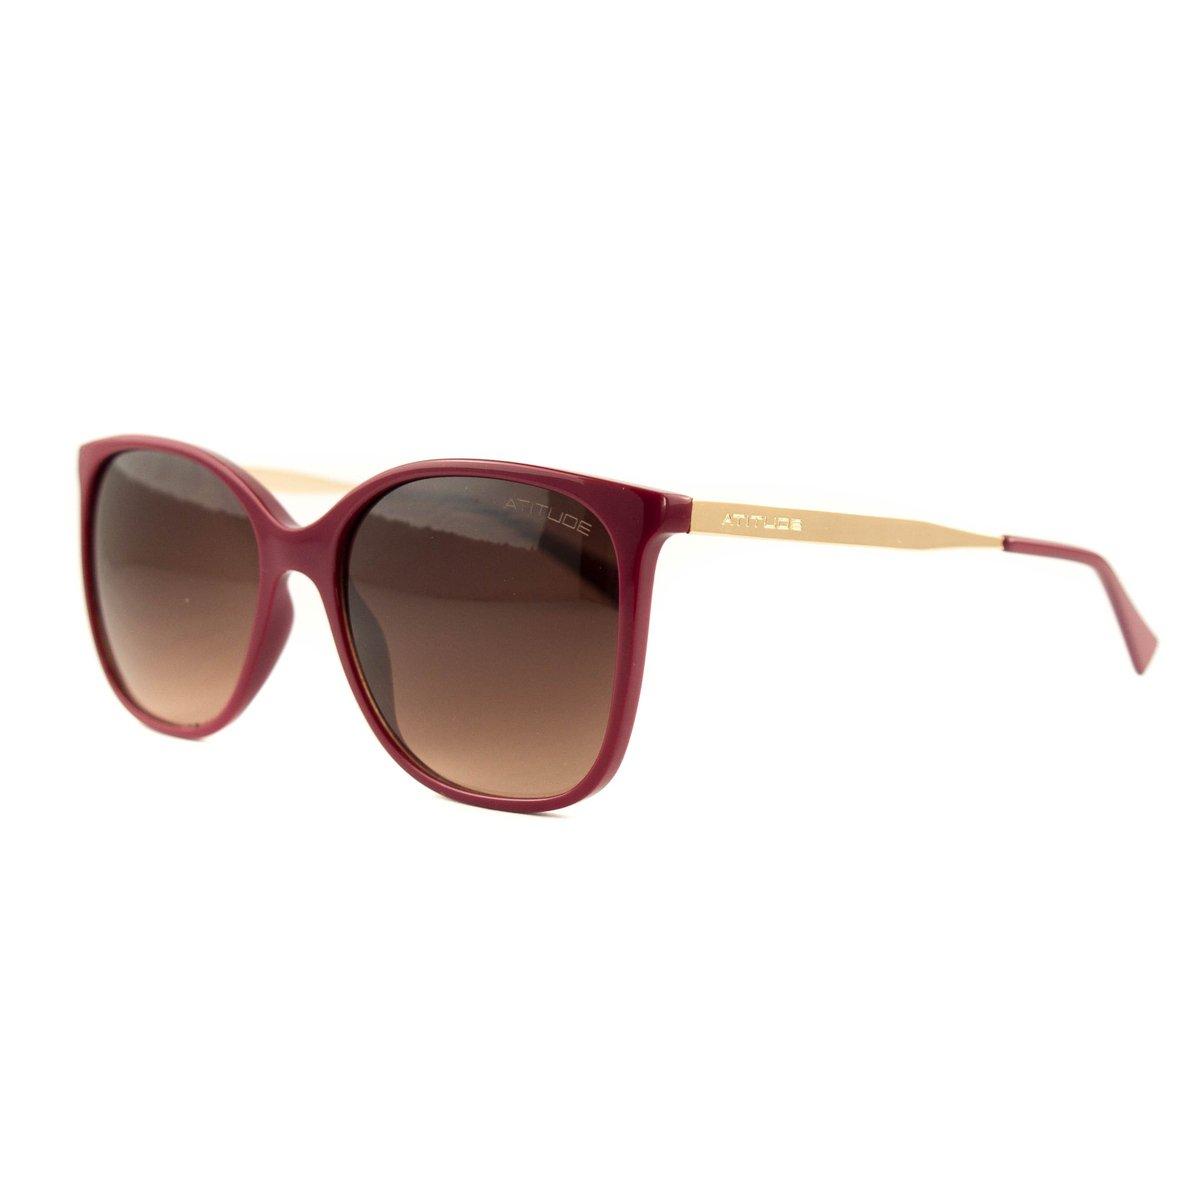 c7457681386df Óculos Atitude De Sol - Compre Agora